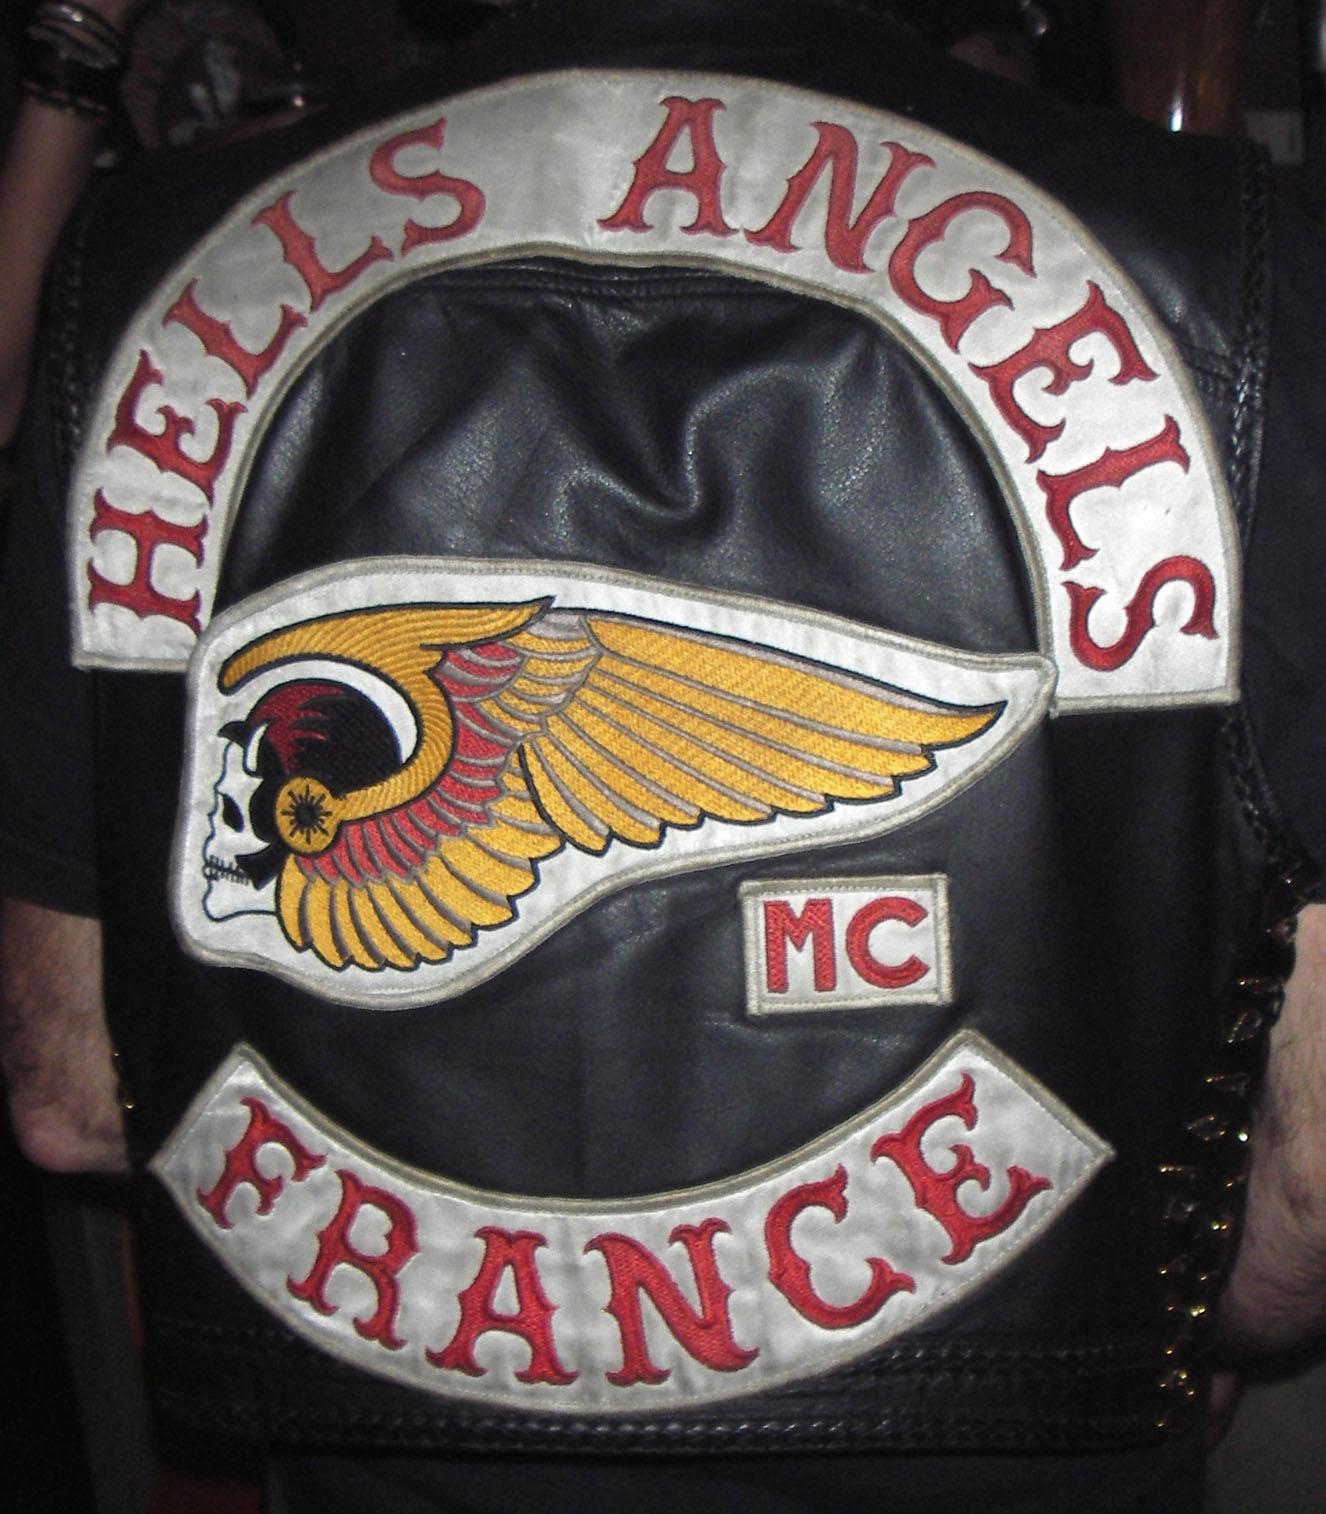 Miko hells angels karlsruhe motorcycle maniac